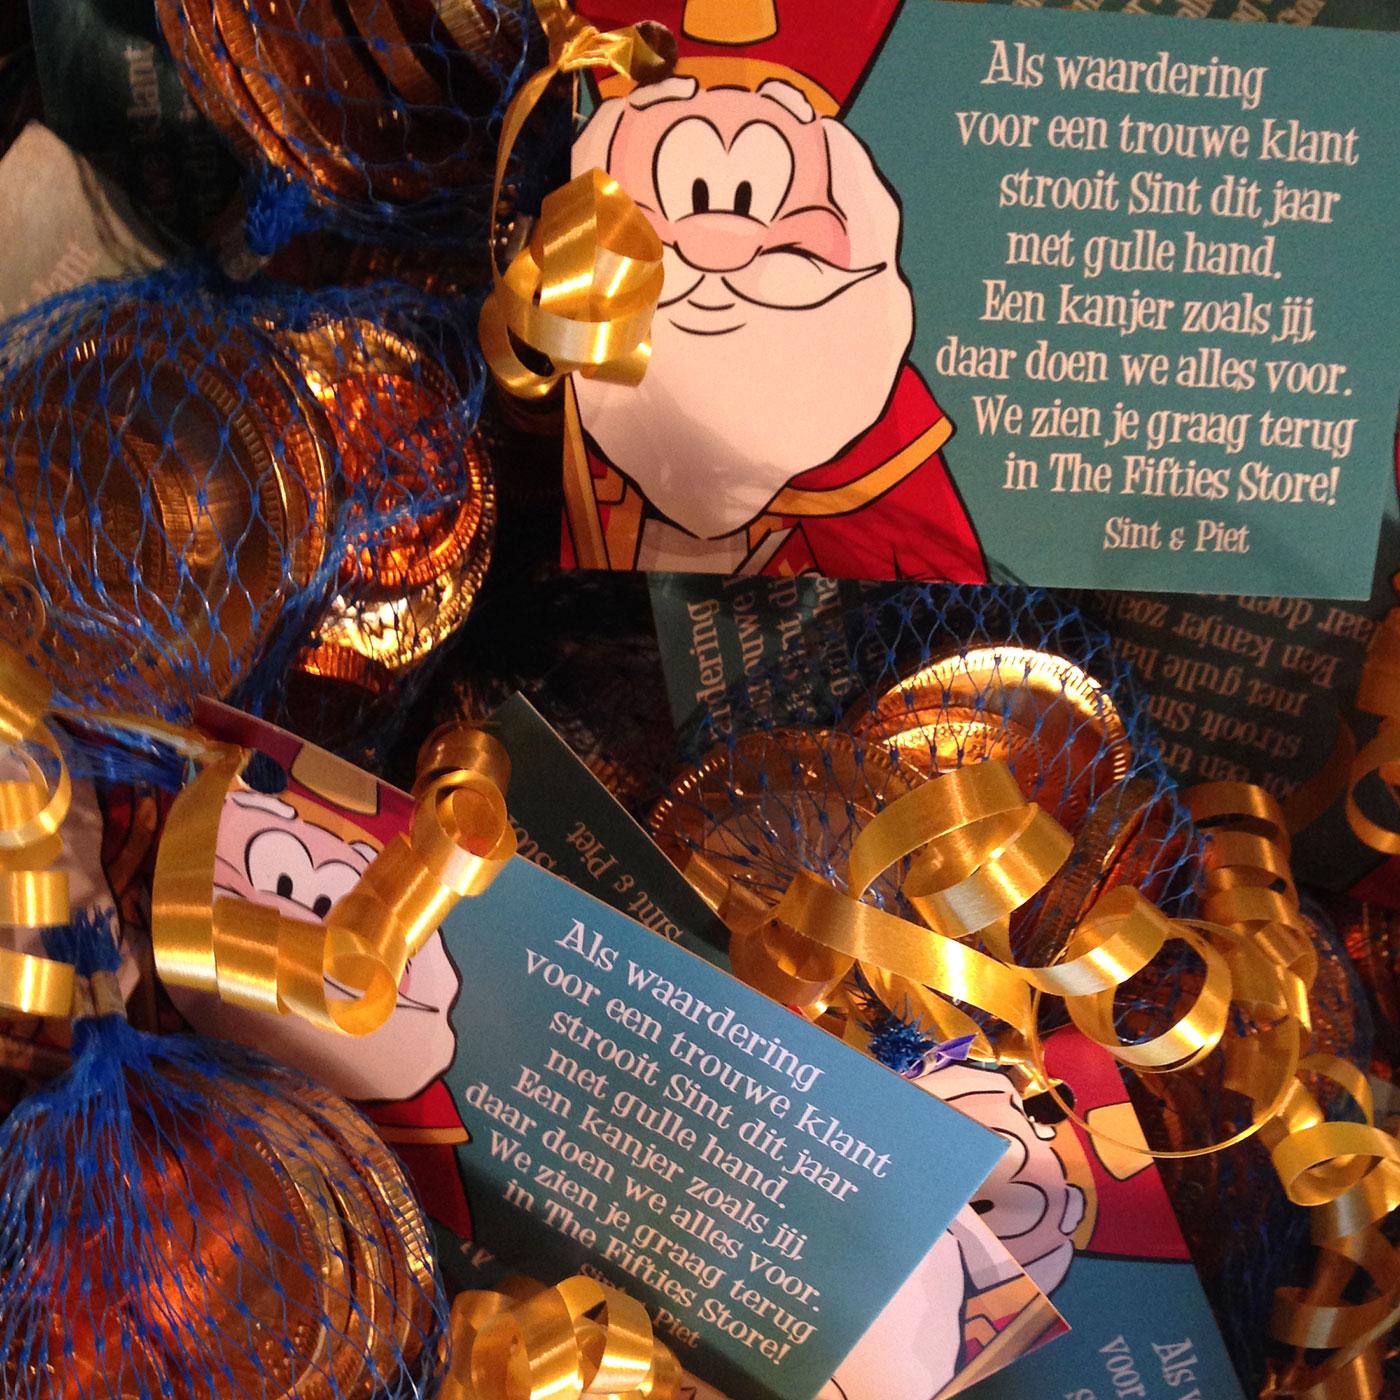 Sint Presentje bij de Fifties Store